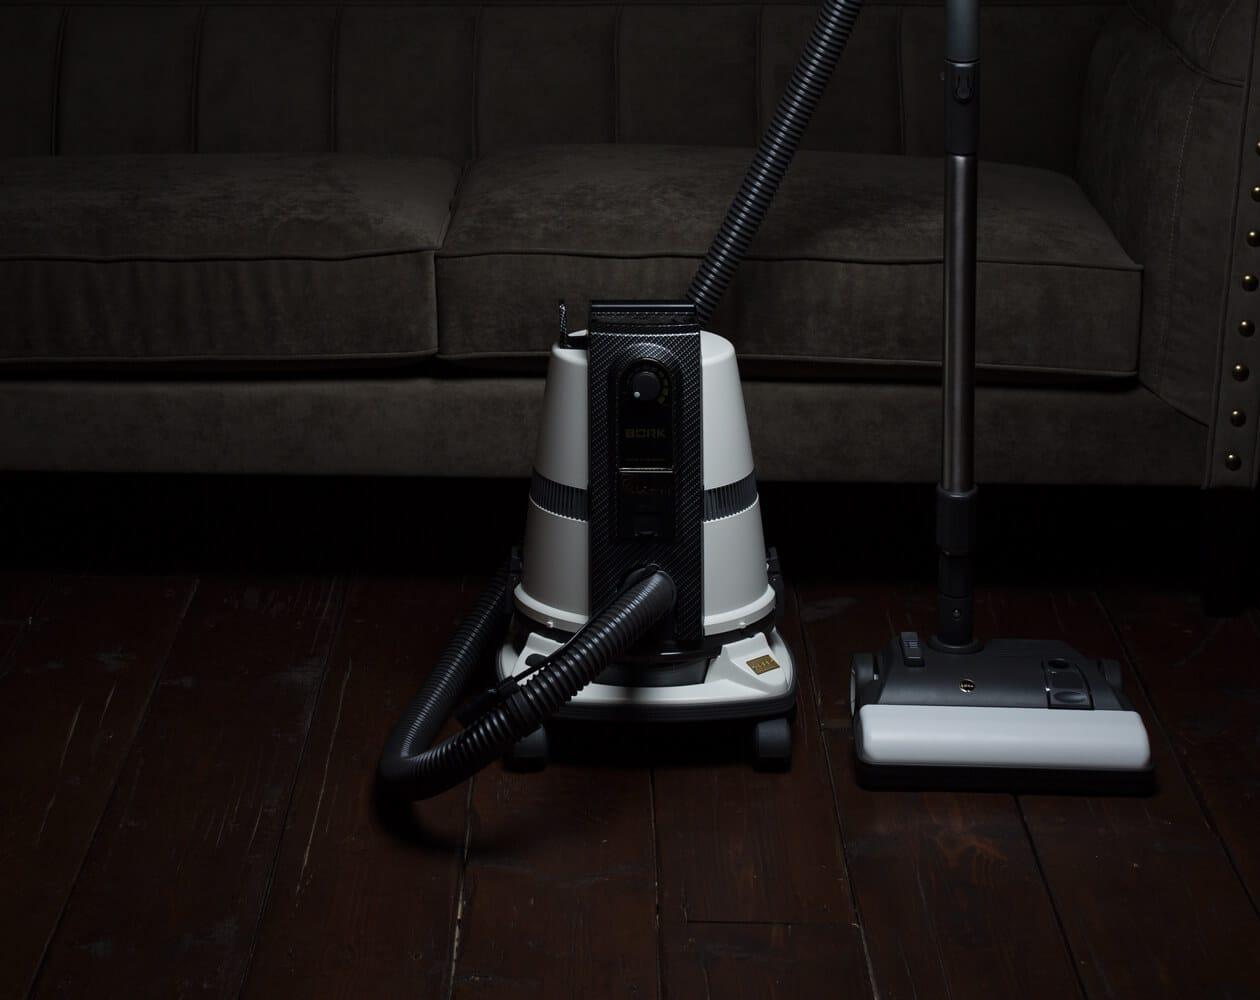 фото системы очистки дома BORK